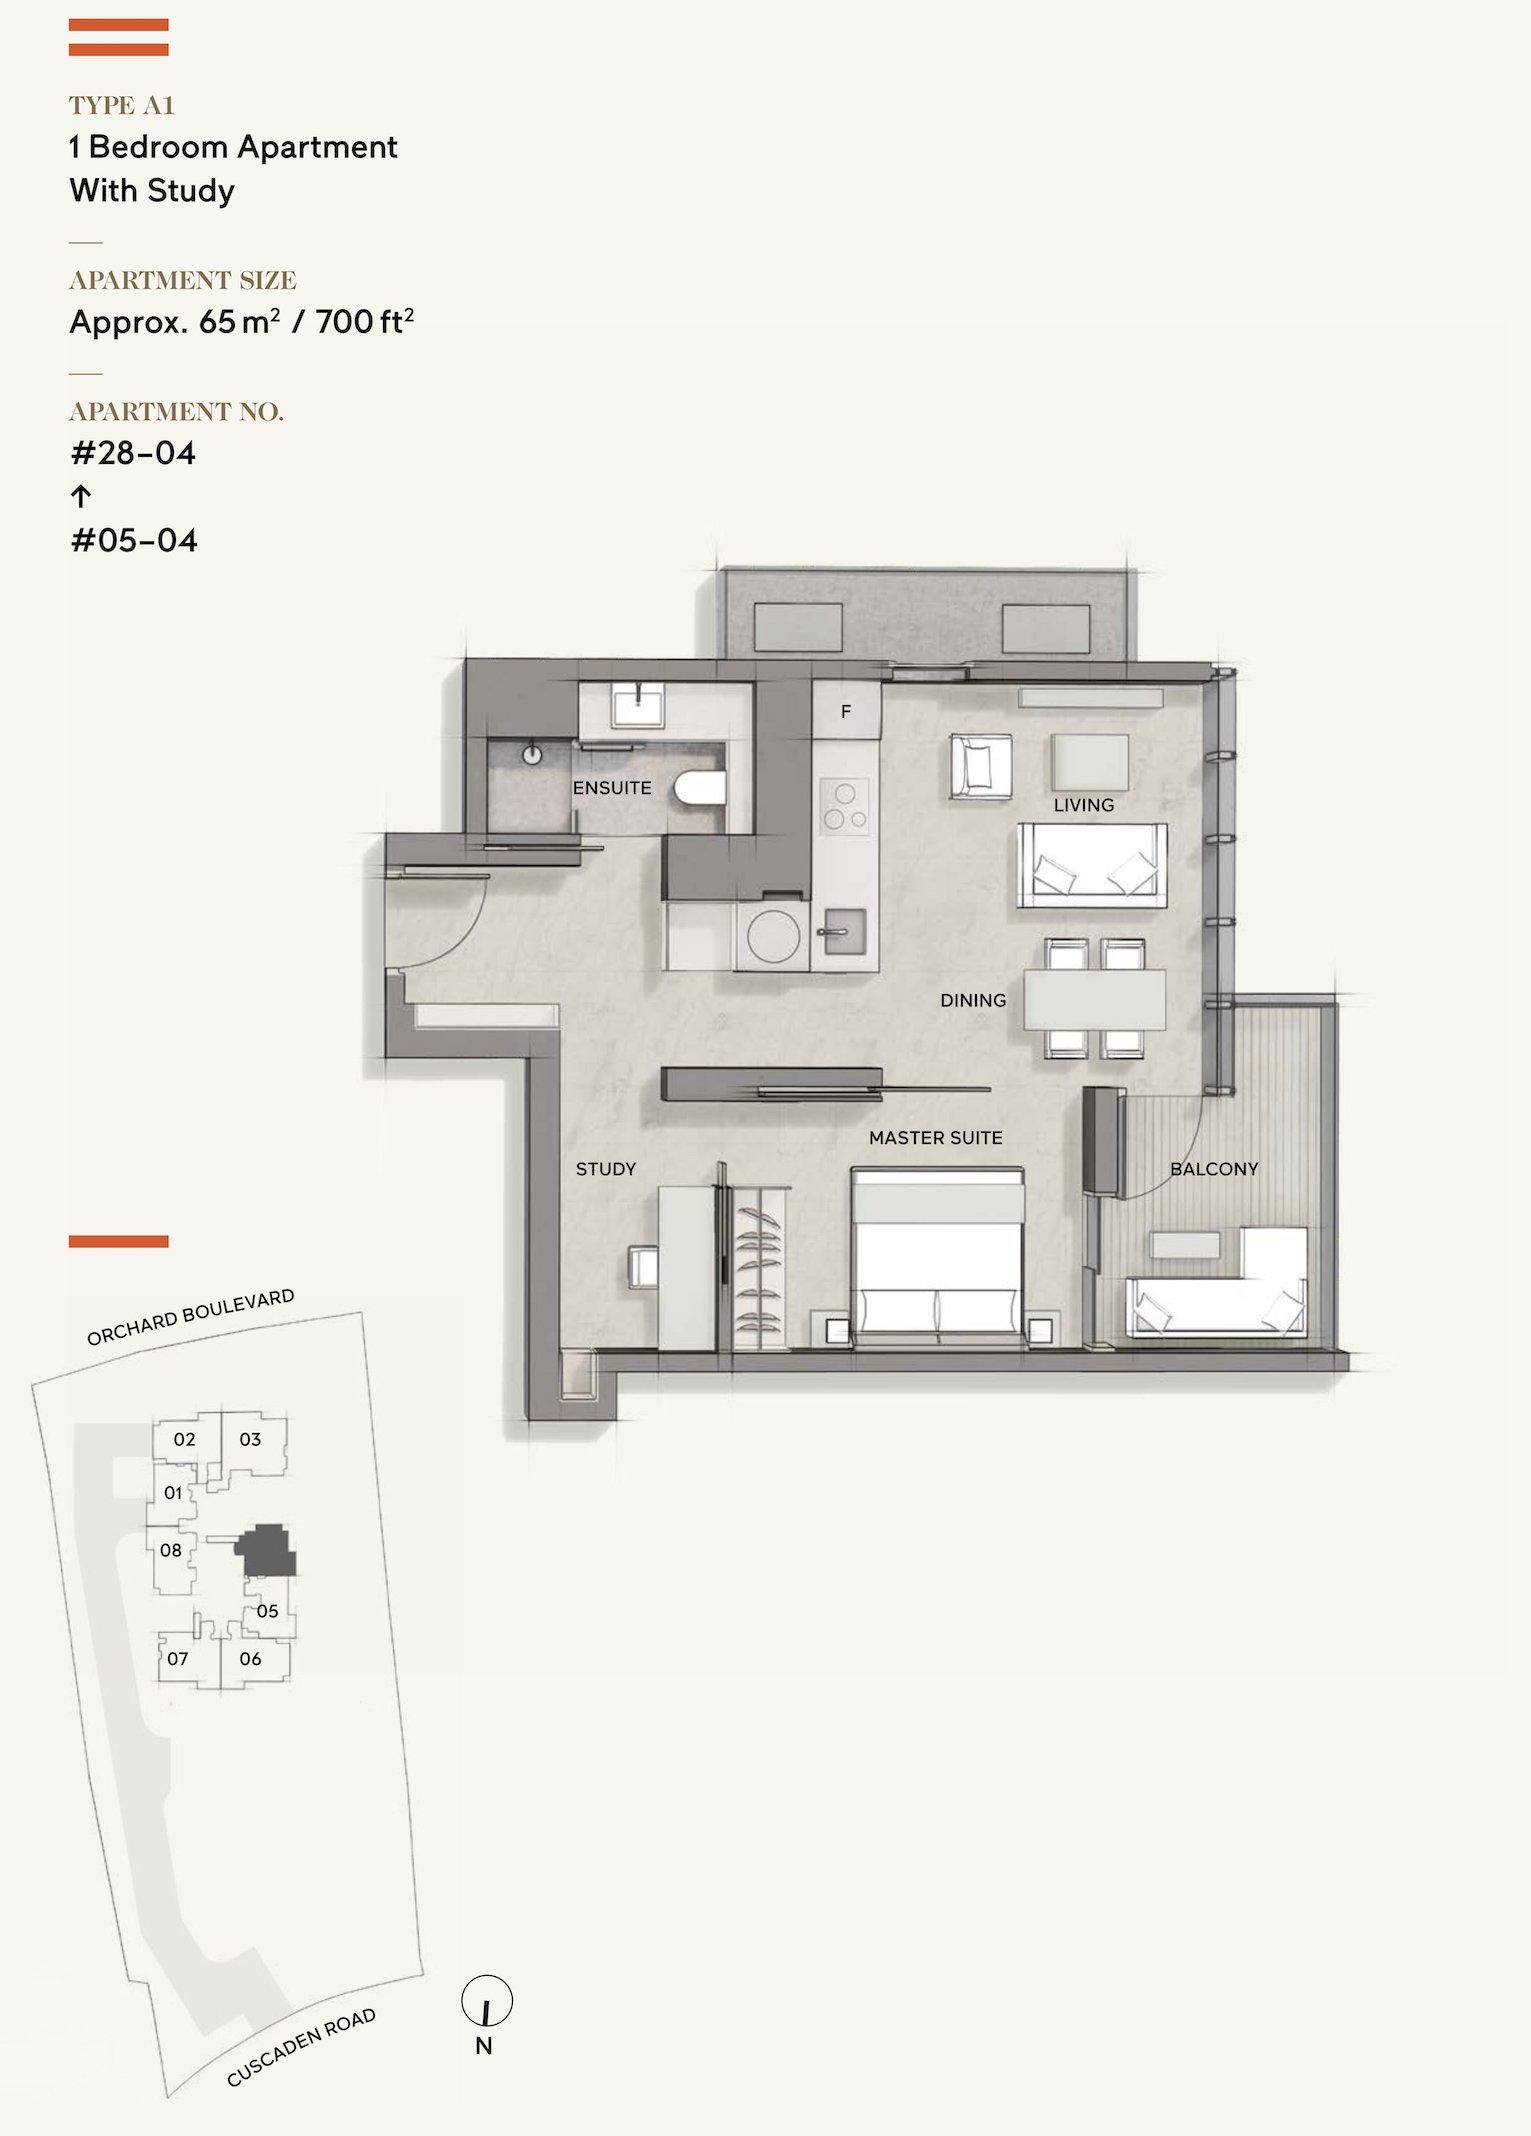 Cuscaden Reserve 公寓 floor plan 1 bedroom study